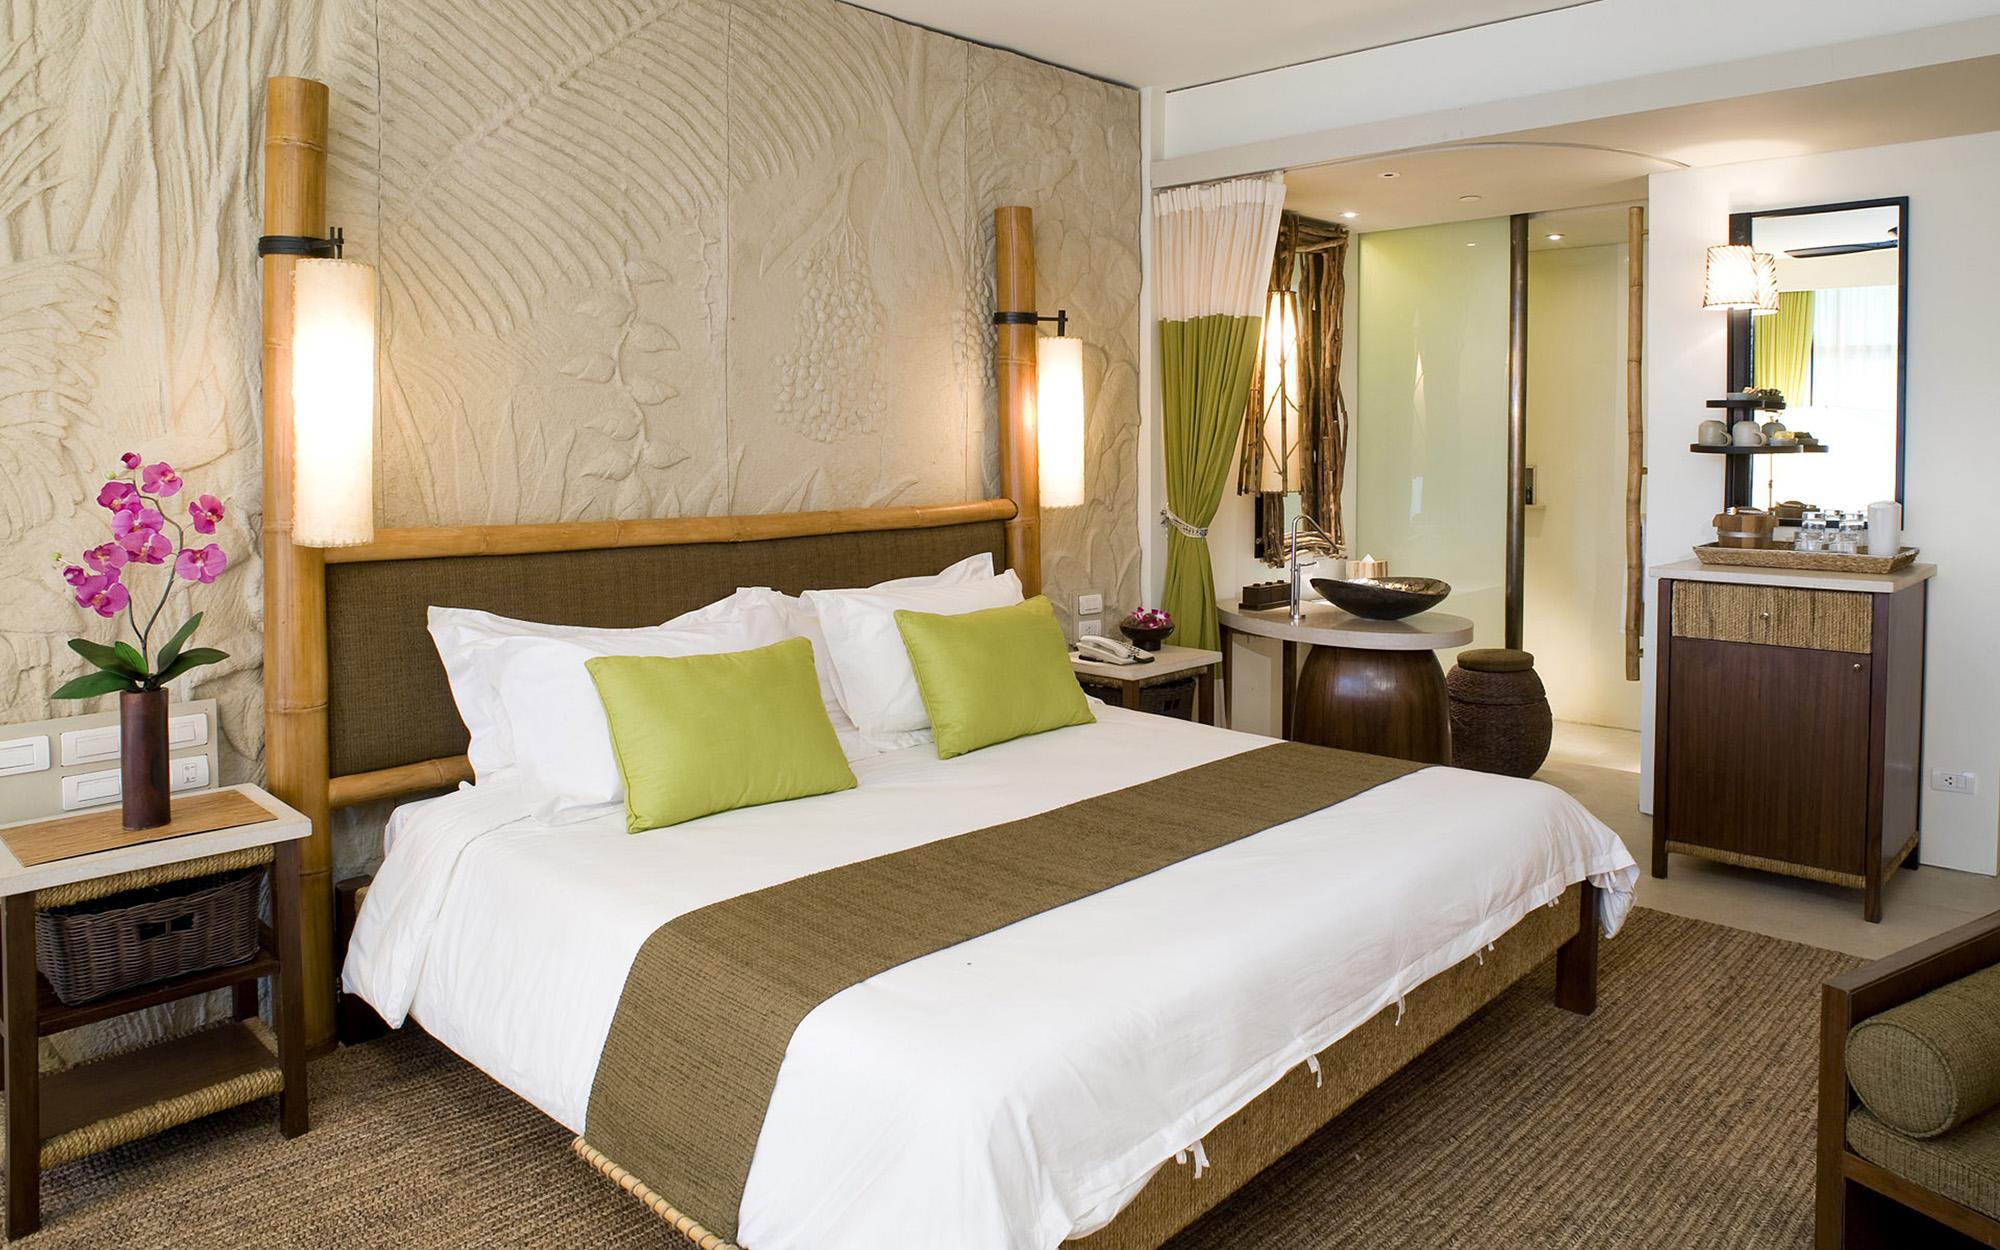 Аксессуары в спальне в эко-стиле